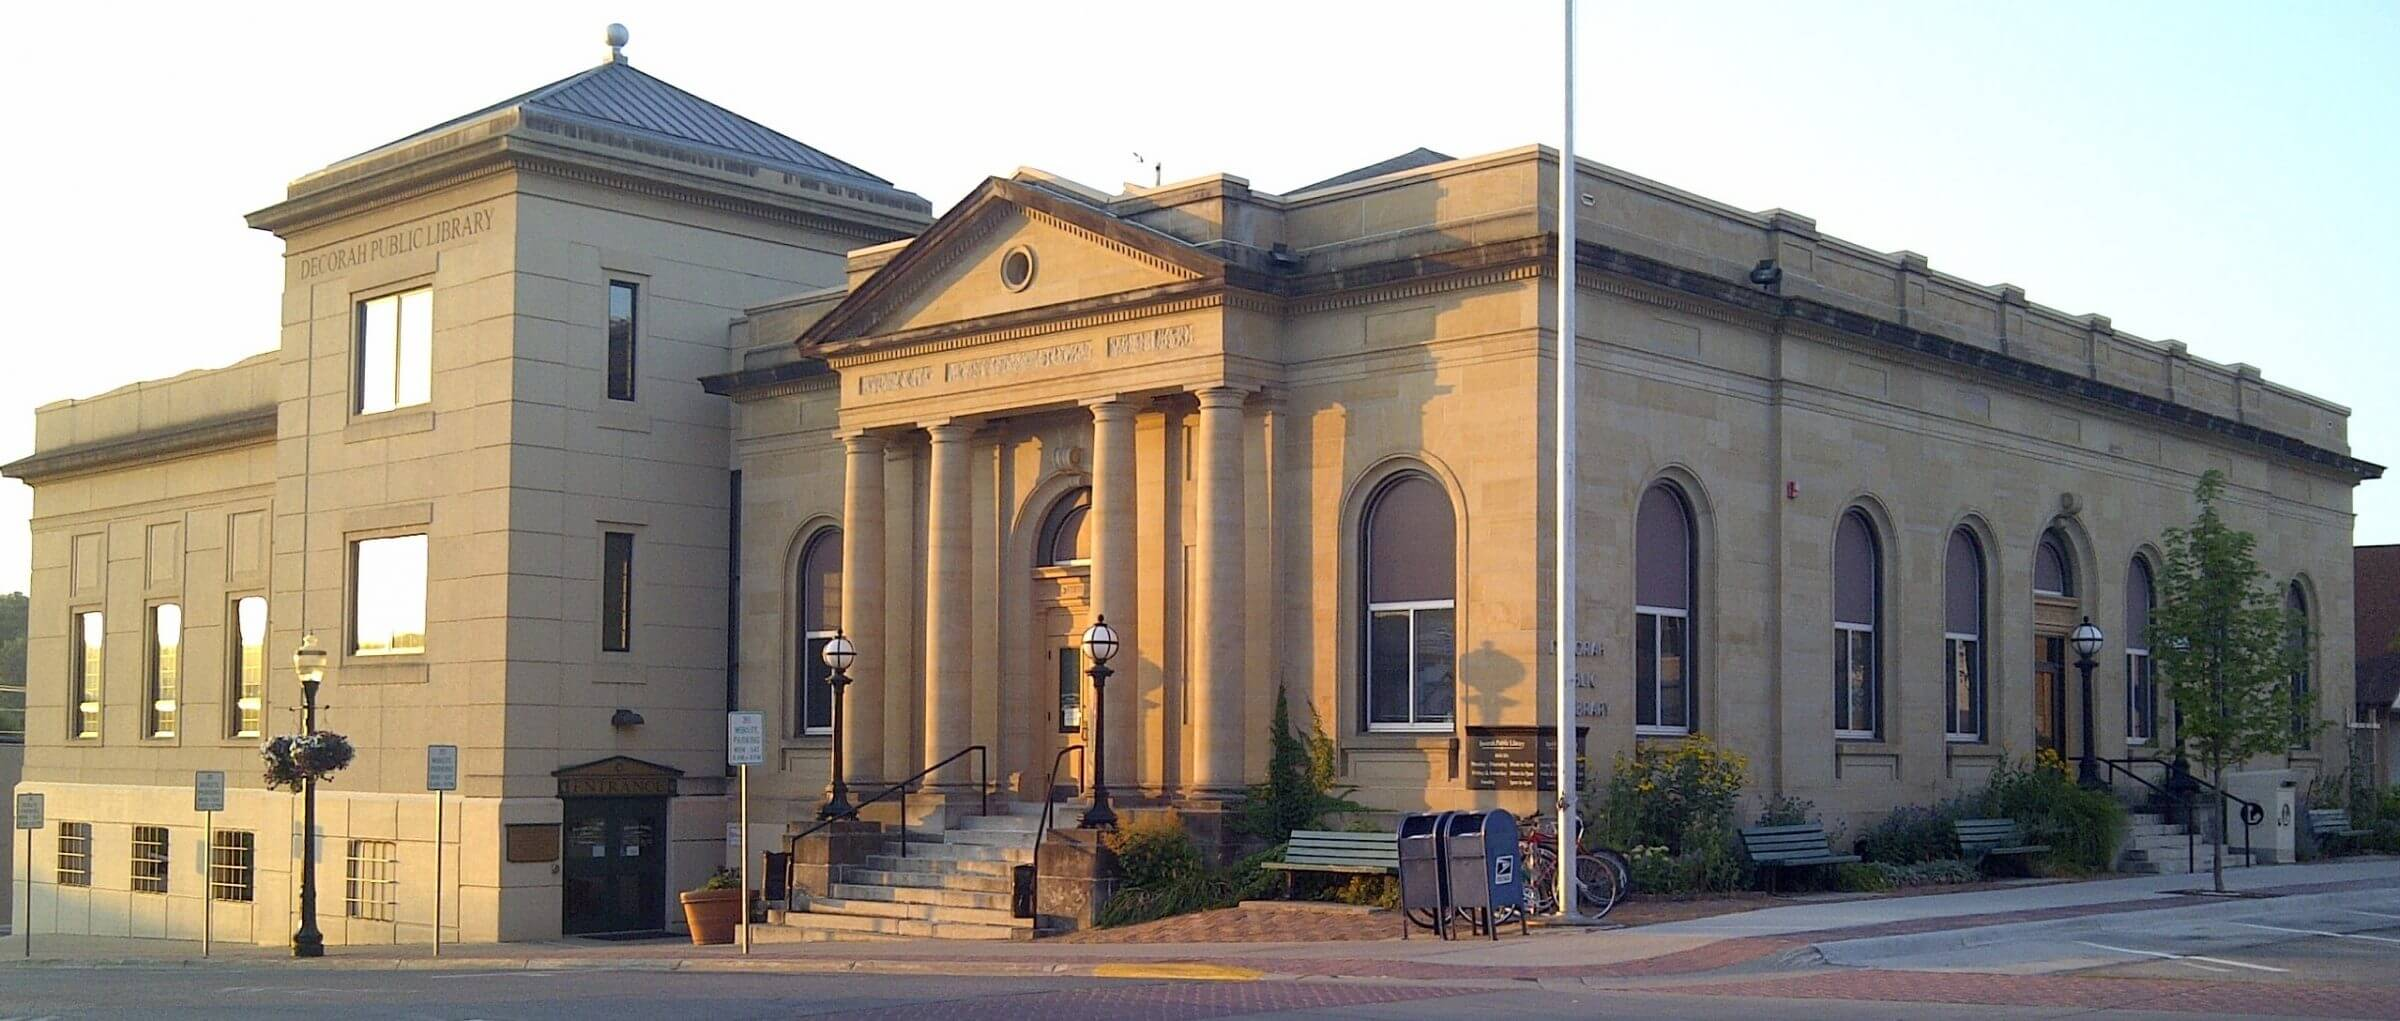 Decorah Public Library